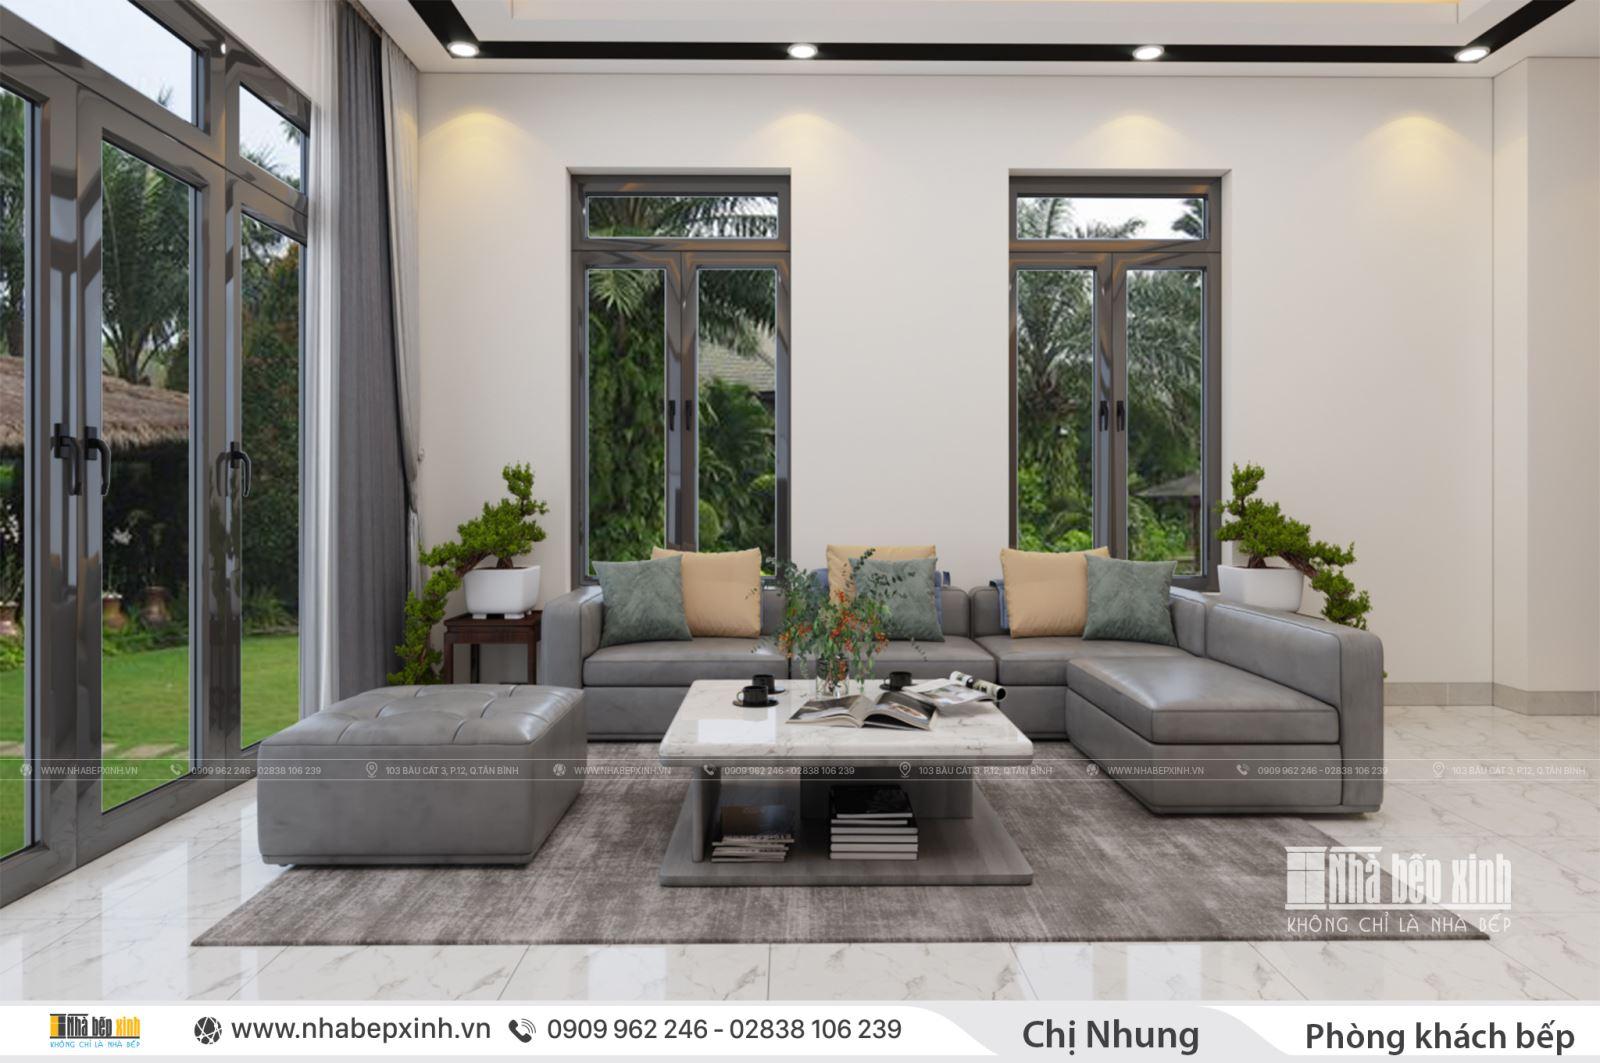 Thiết kế và thi công nội thất trọn gói đẹp